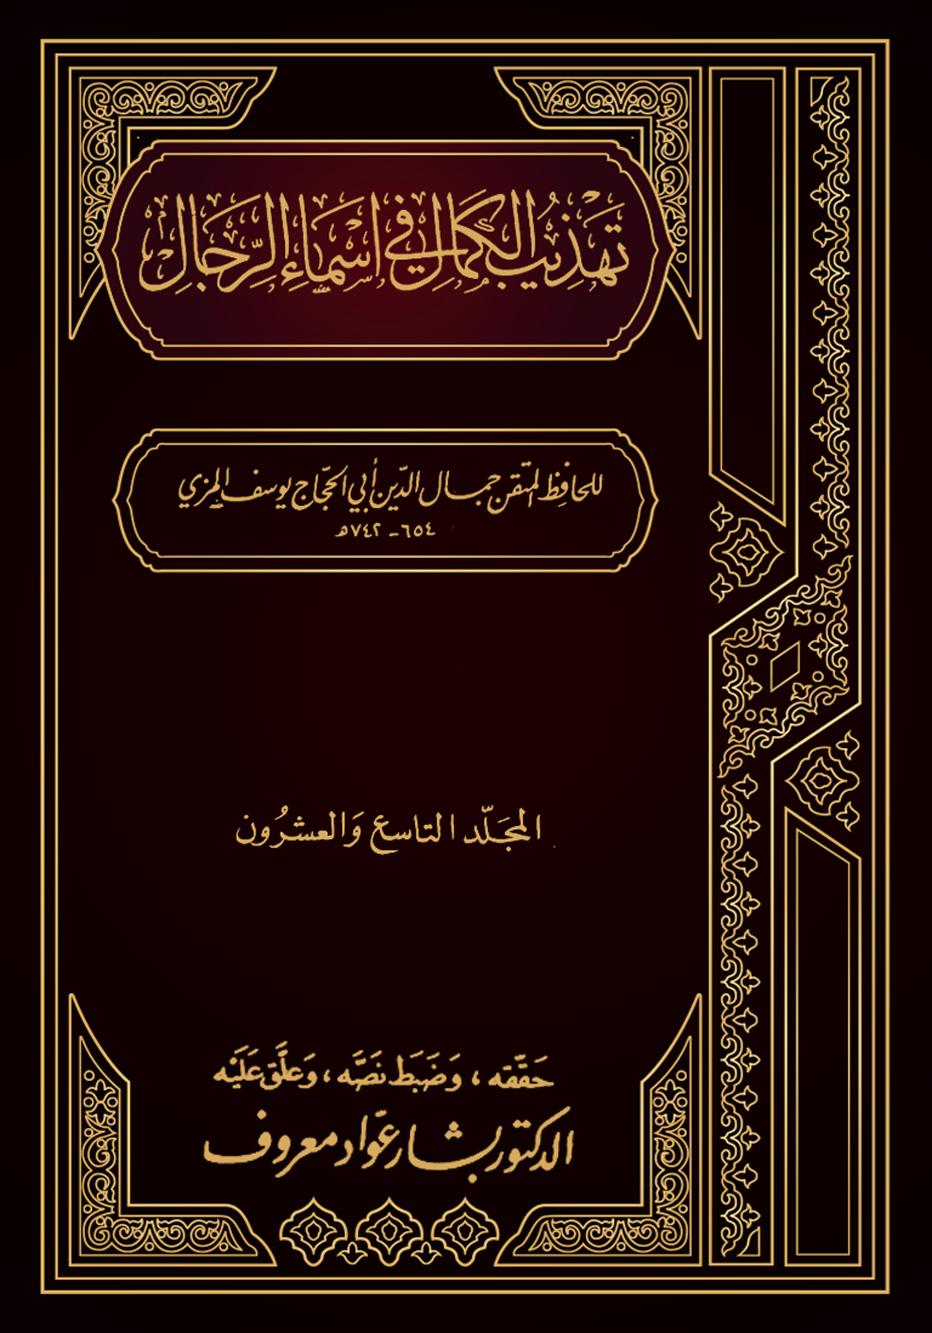 تهذيب الكمال في أسماء الرجال (المجلد التاسع والعشرون – مهلب – نعيم)